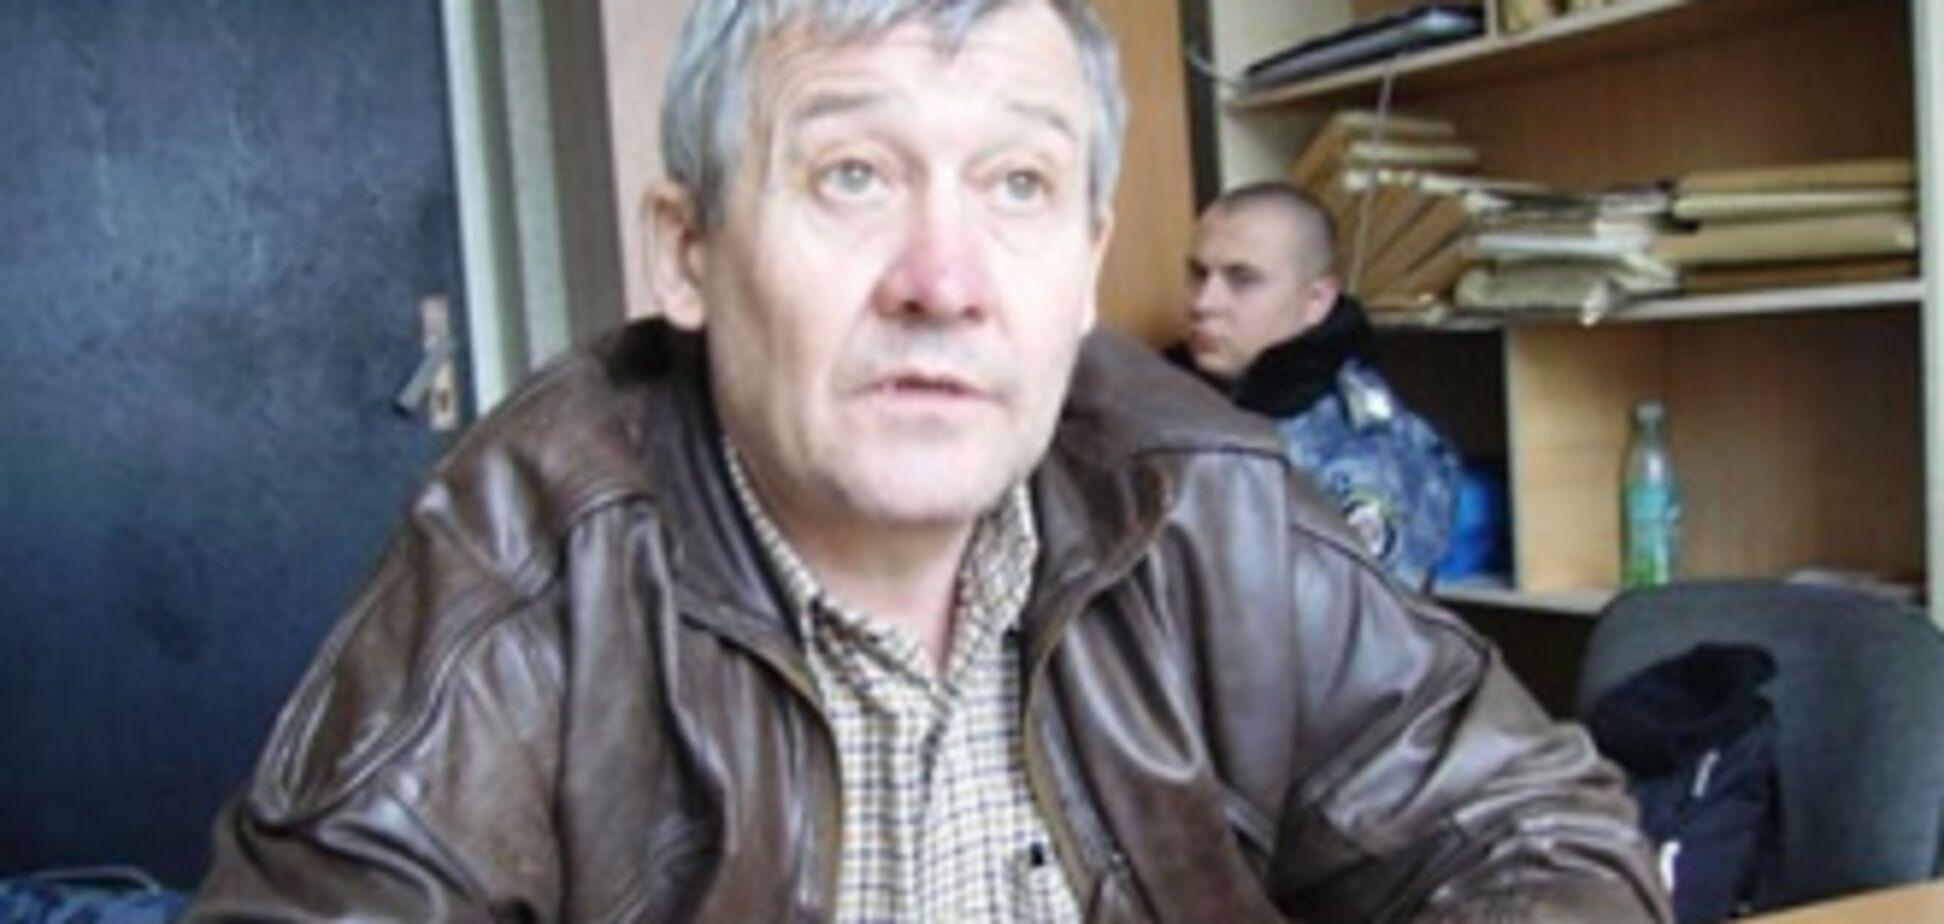 Дніпропетровський маніяк намагався перевершити Чикатило